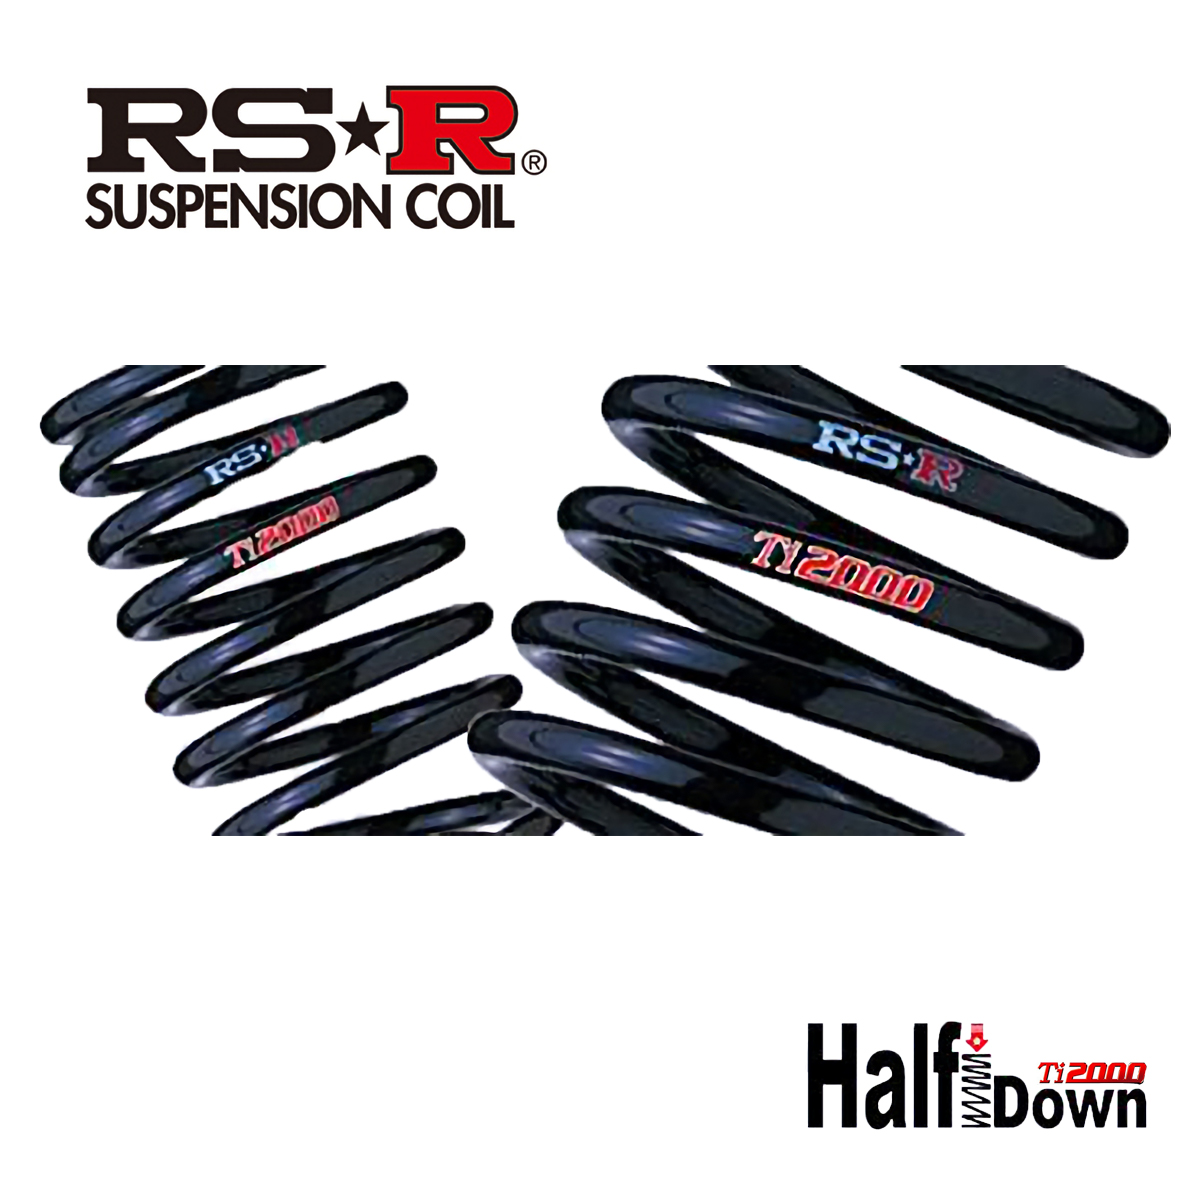 RS-R ハスラー X/Xターボ MR31S ダウンサス スプリング 1台分 S405TD Ti2000 ダウン RSR 個人宅発送追金有